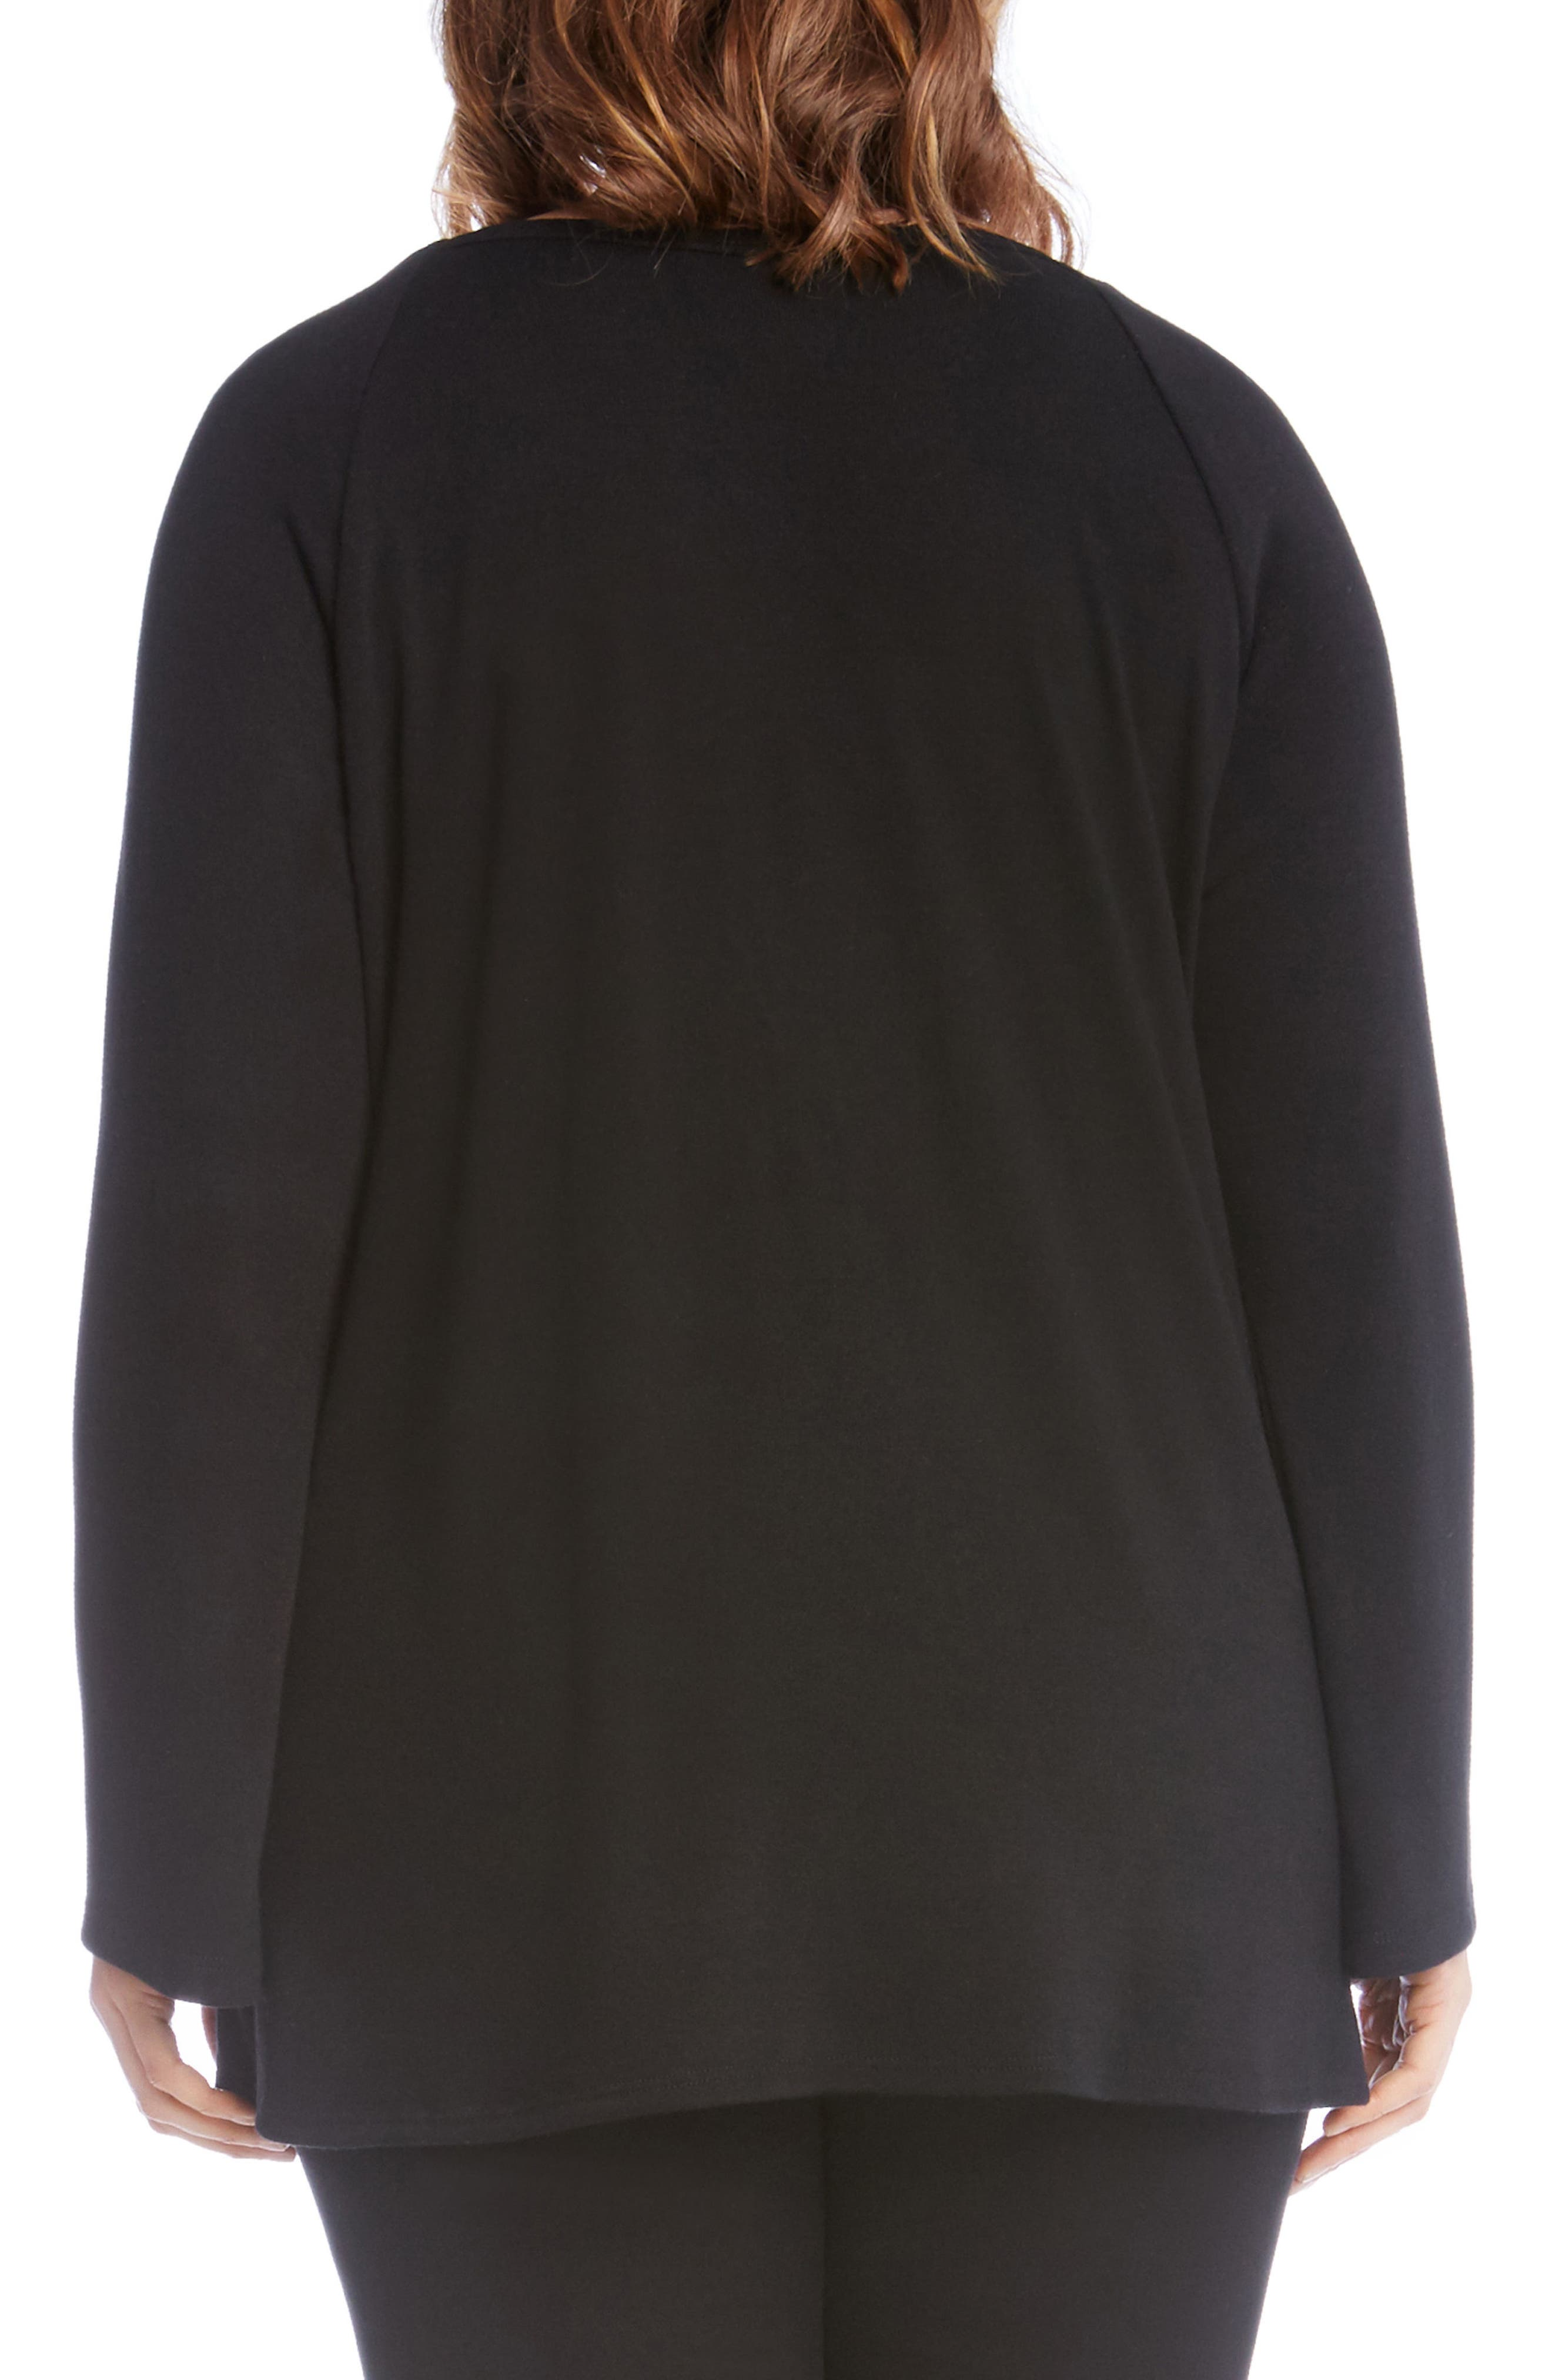 Alternate Image 3  - Karen Kane Lace Overlay Jersey Top (Plus Size)